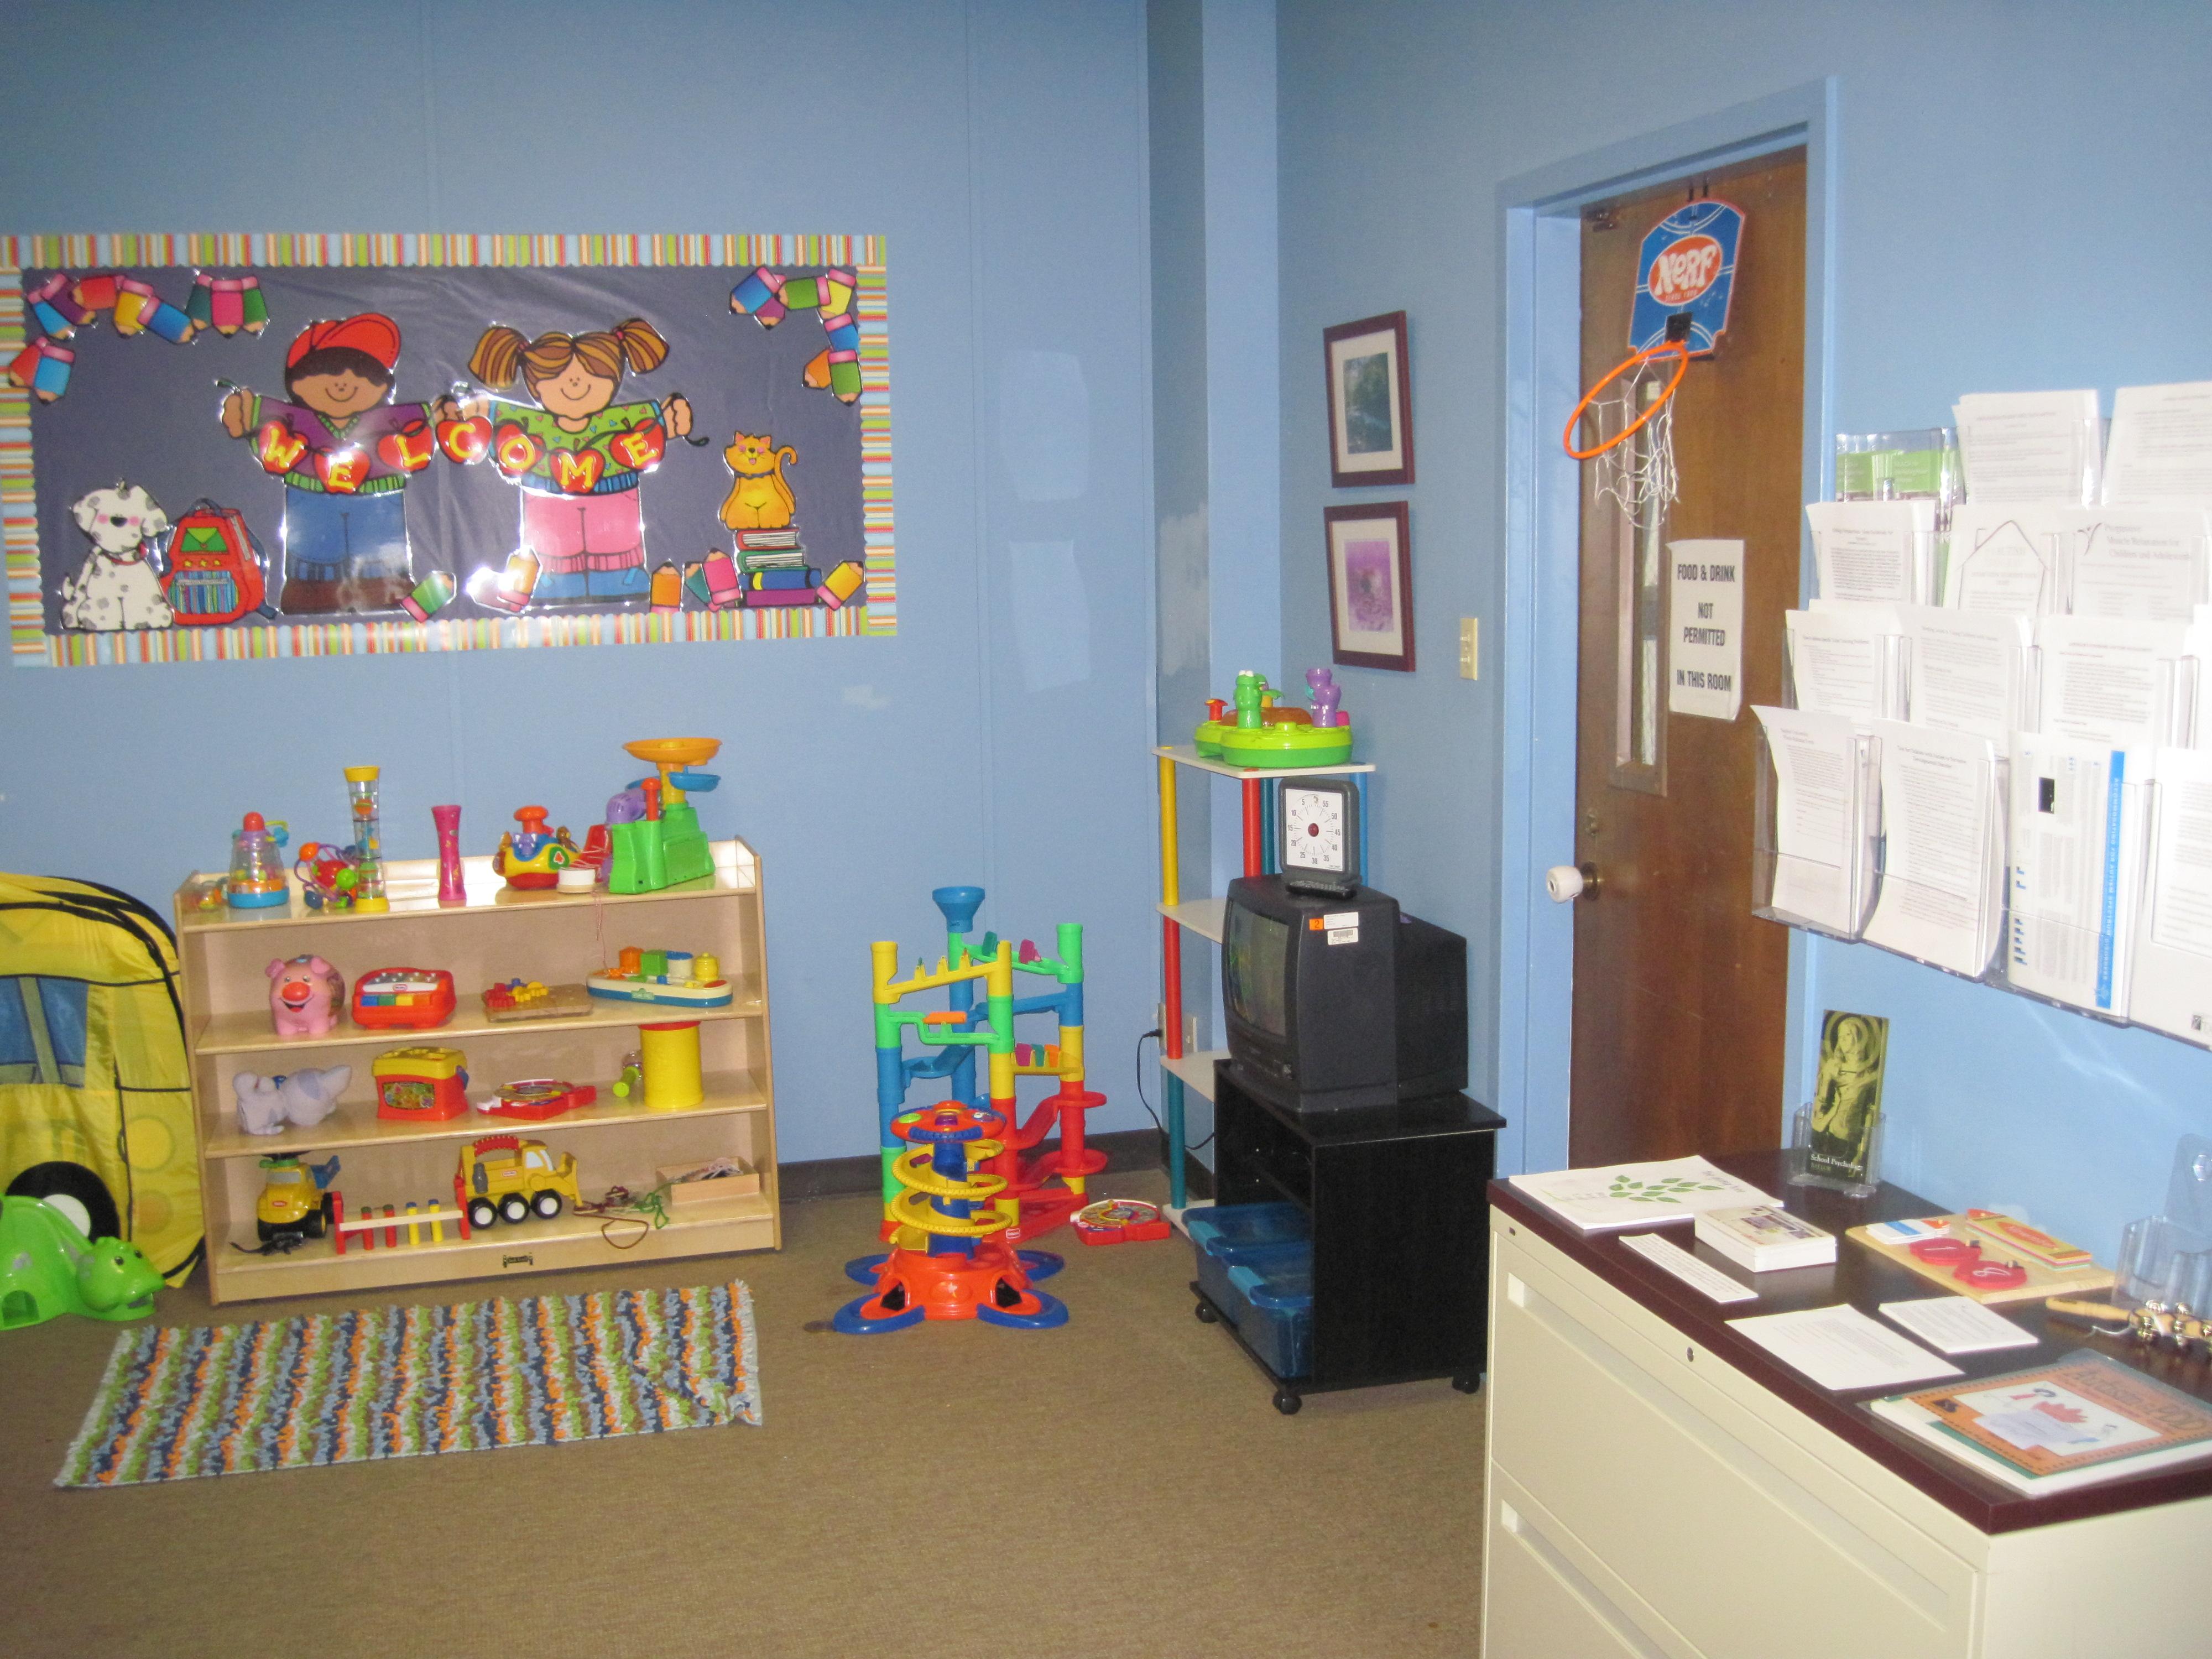 Autism Center Main Room Pic